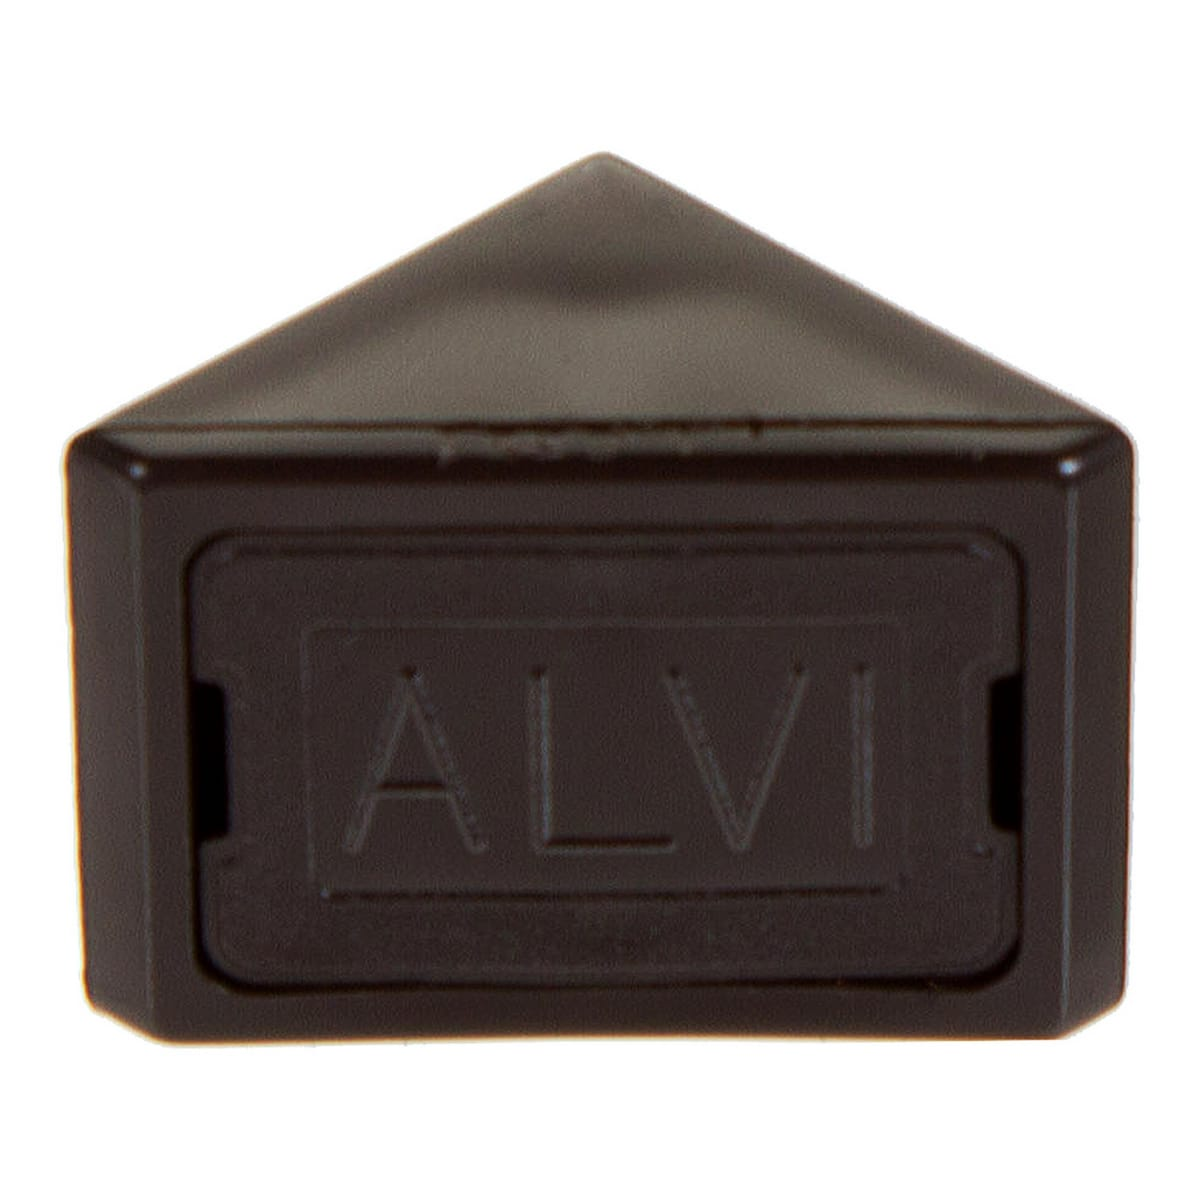 Комплект уголков мебельных с шурупами цвет тёмно-коричневый, 6 шт.